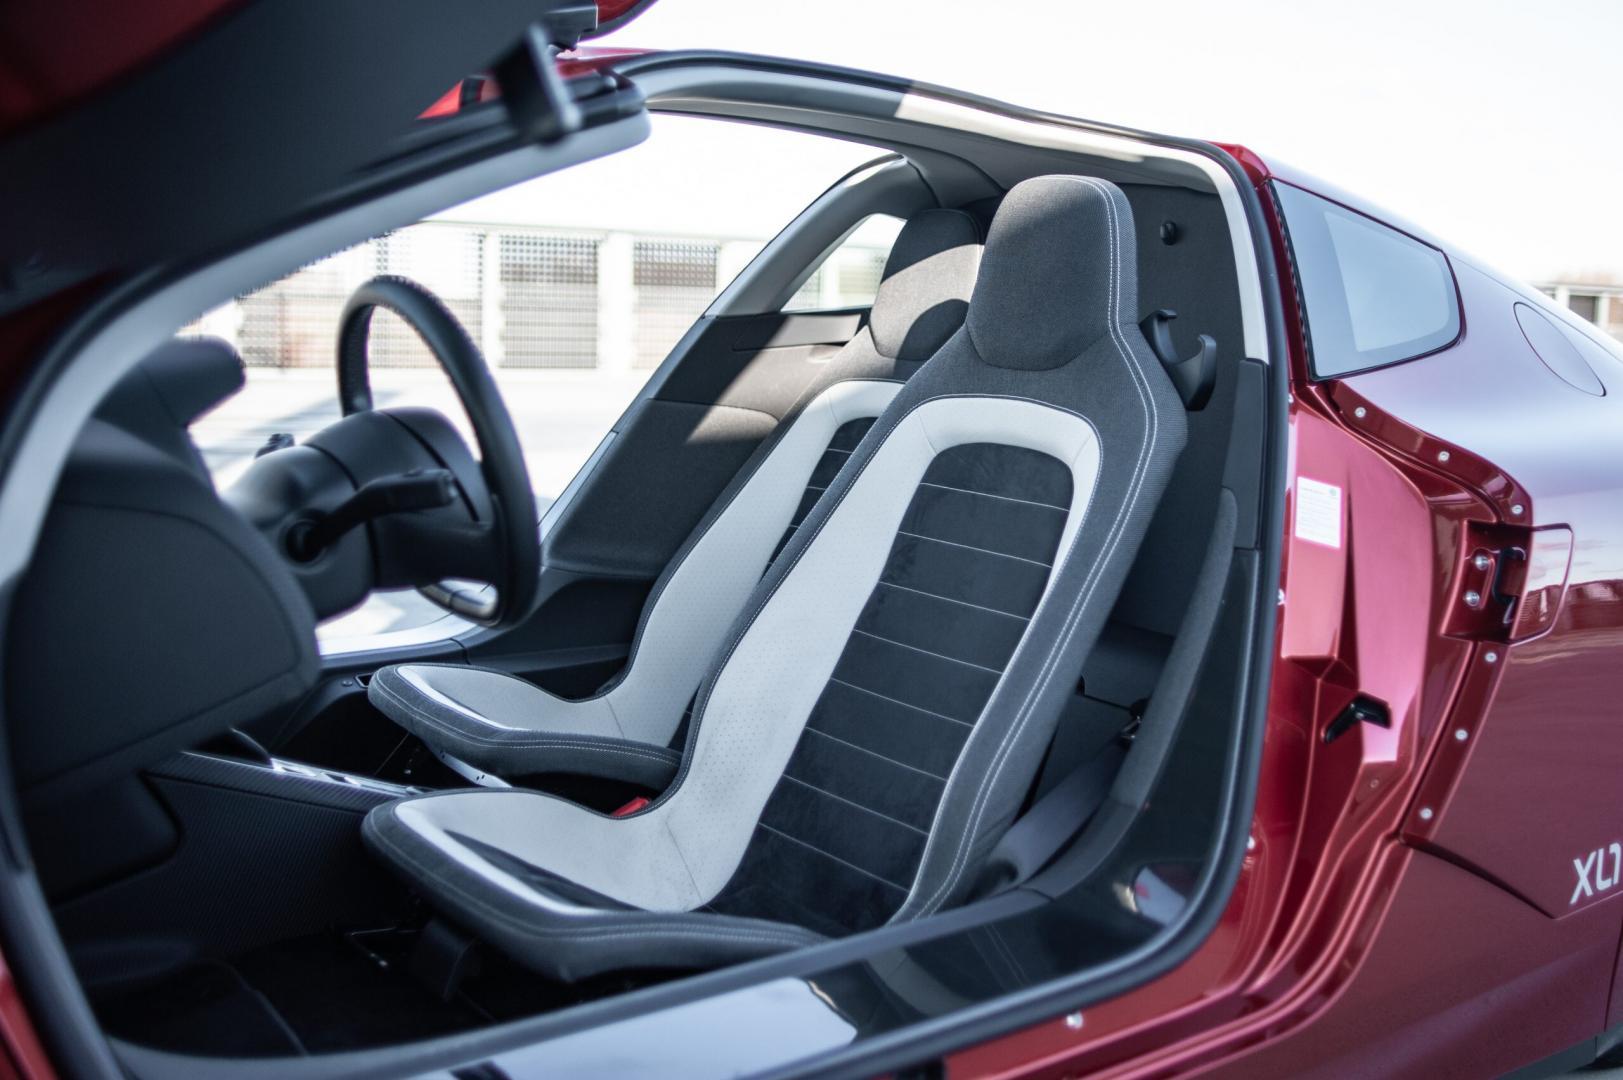 Volkswagen XL1 stoelen